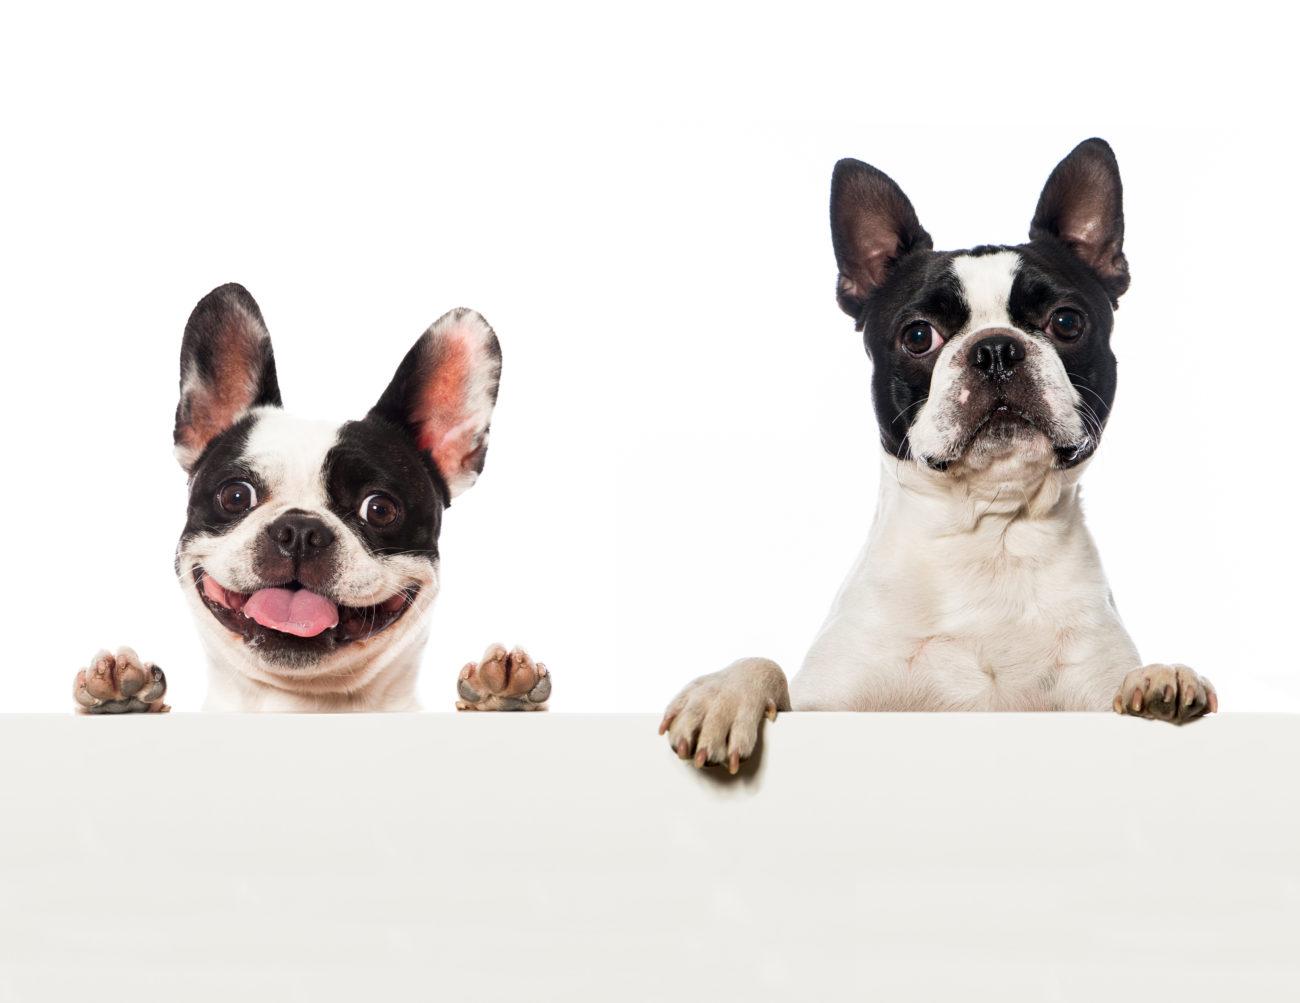 フレンチブルドッグとボストンテリアのMIX「フレンチトン」が可愛い!